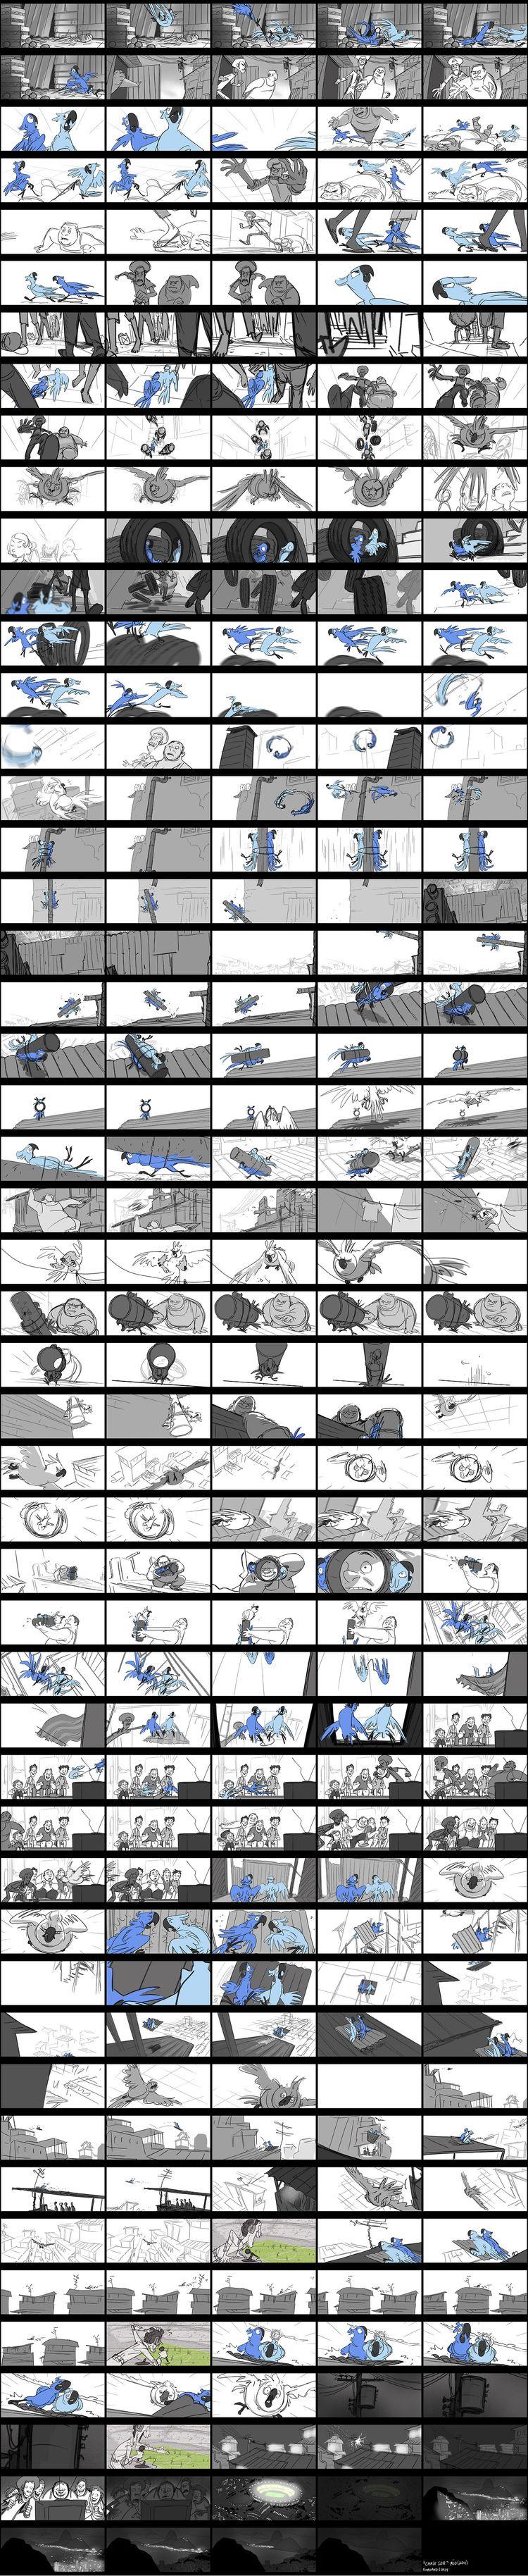 3f5c351148bf323dc5424dcaf826bb75.jpg 750×3,656 pixels